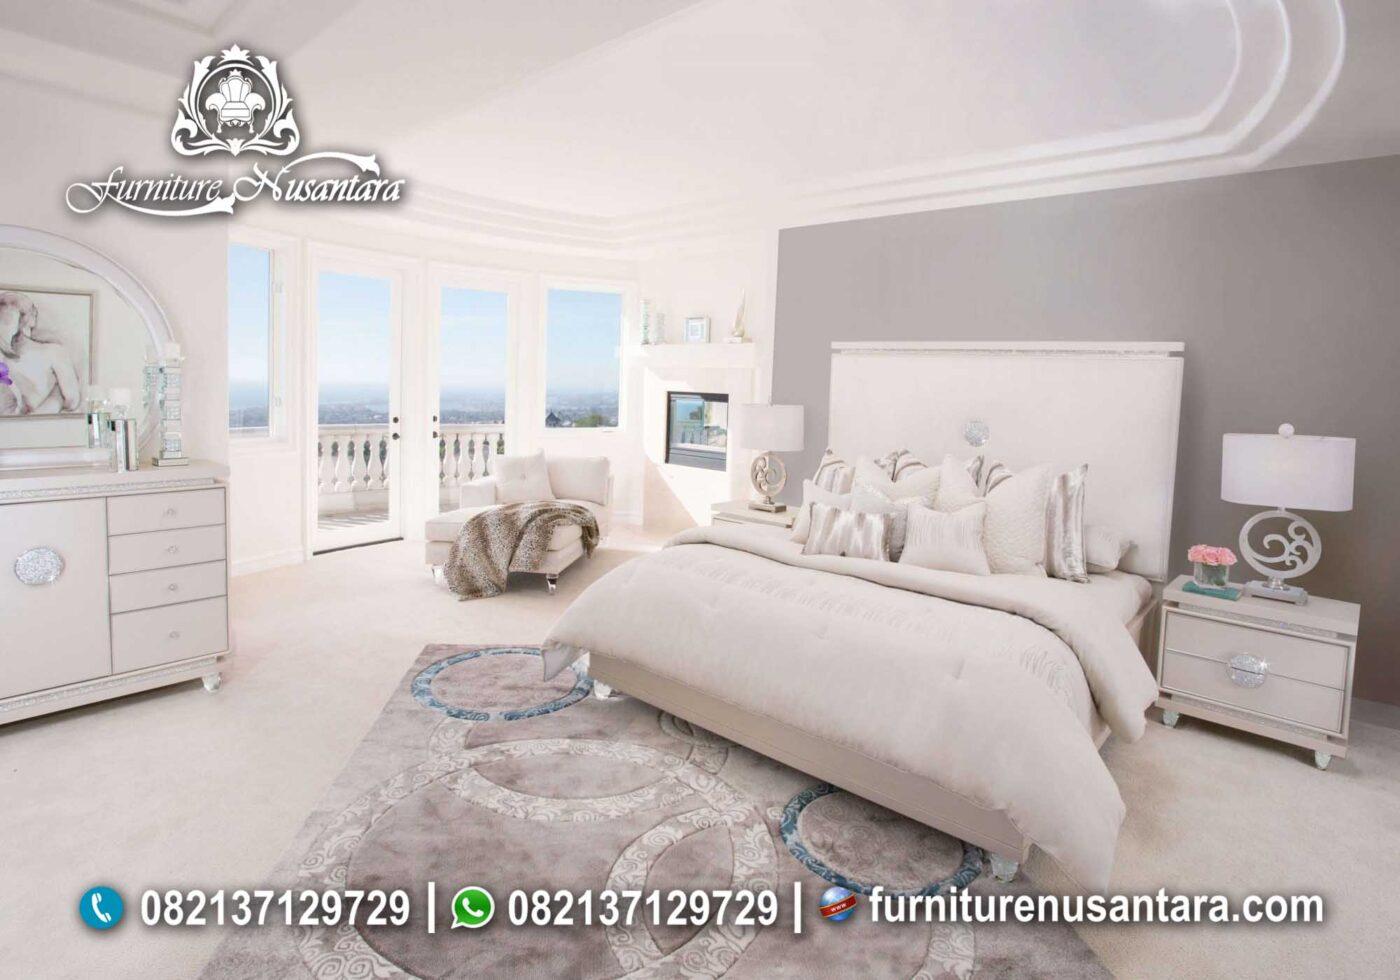 Jual Set Kamar Minimalis Terbaik KS-18, Furniture Nusantara